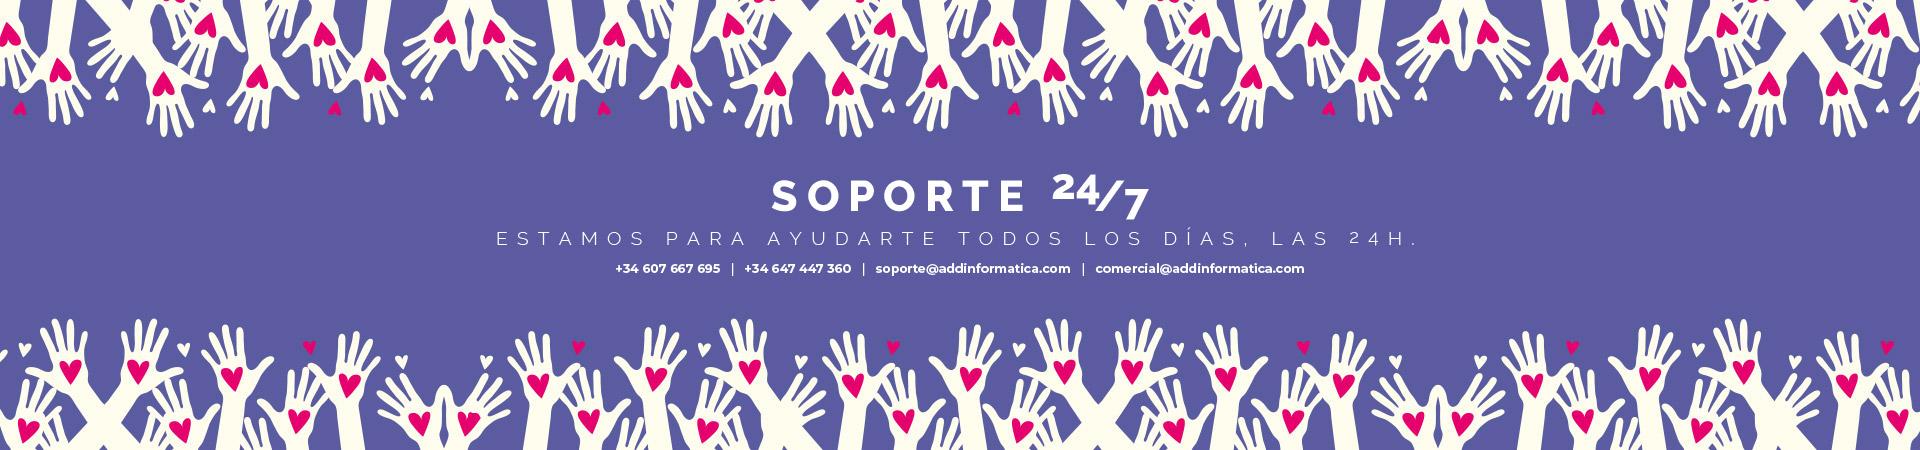 ADD-Banner-JuntosSoporte-1920x450-OK-ES